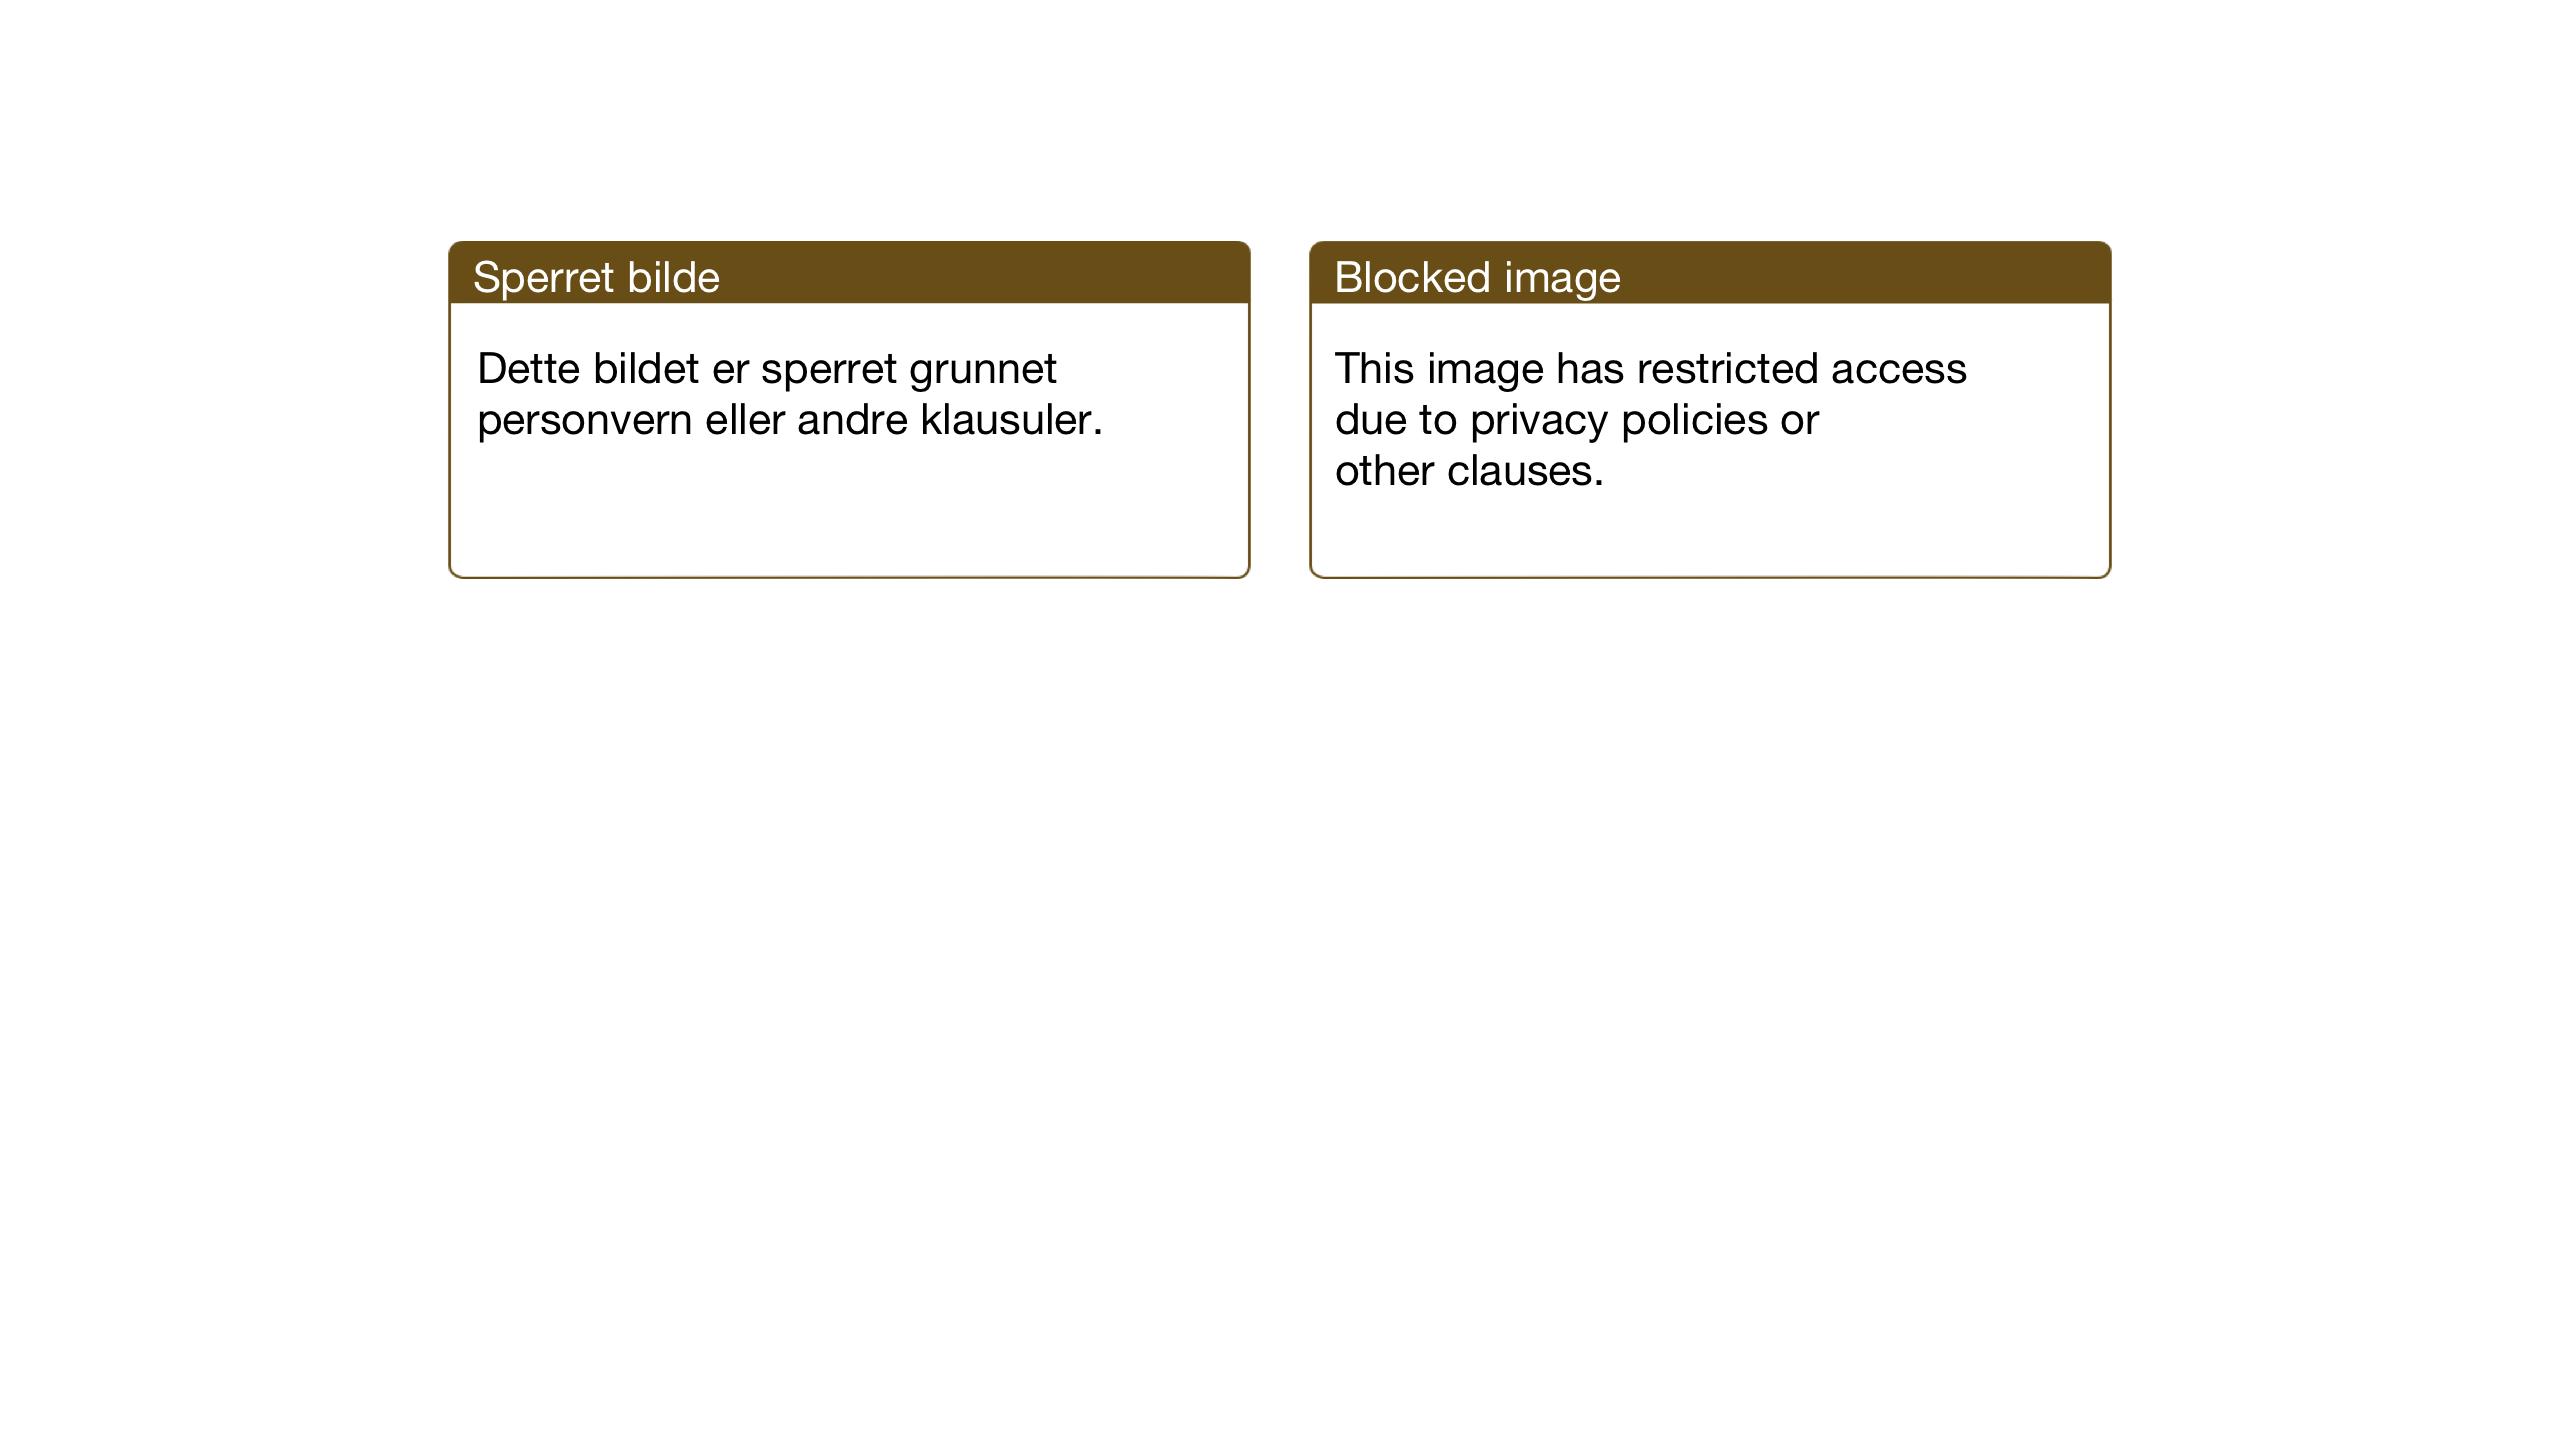 SAT, Ministerialprotokoller, klokkerbøker og fødselsregistre - Sør-Trøndelag, 604/L0210: Ministerialbok nr. 604A30, 1932-1946, s. 48